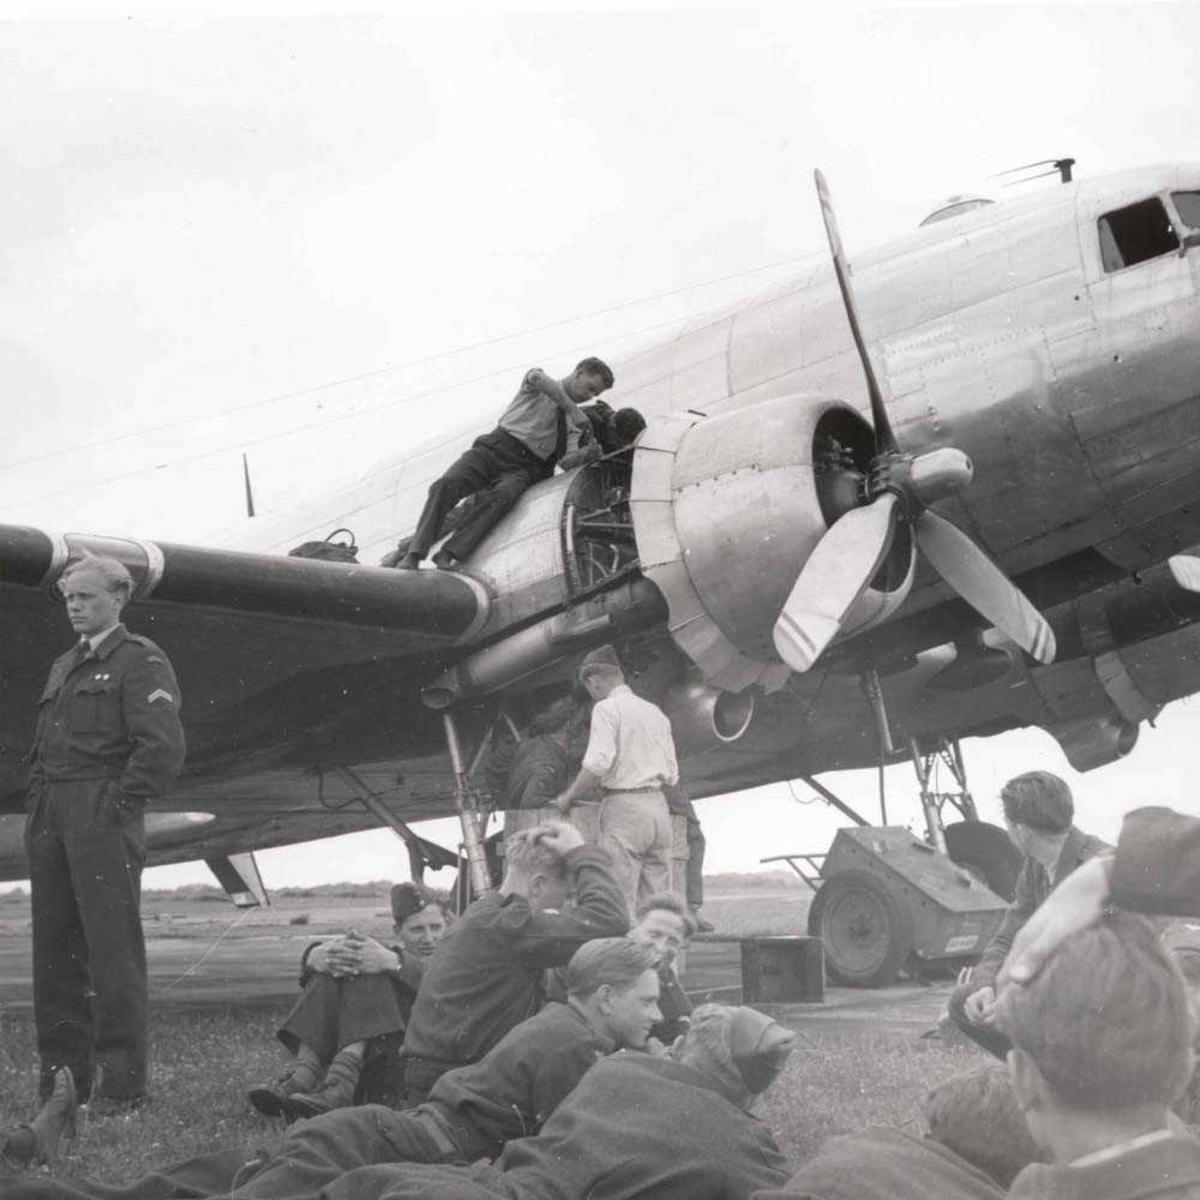 1 fly på bakken. DC3. 1 person som står og fikser den ene motoren. Flere personer på bakken ved flyet.